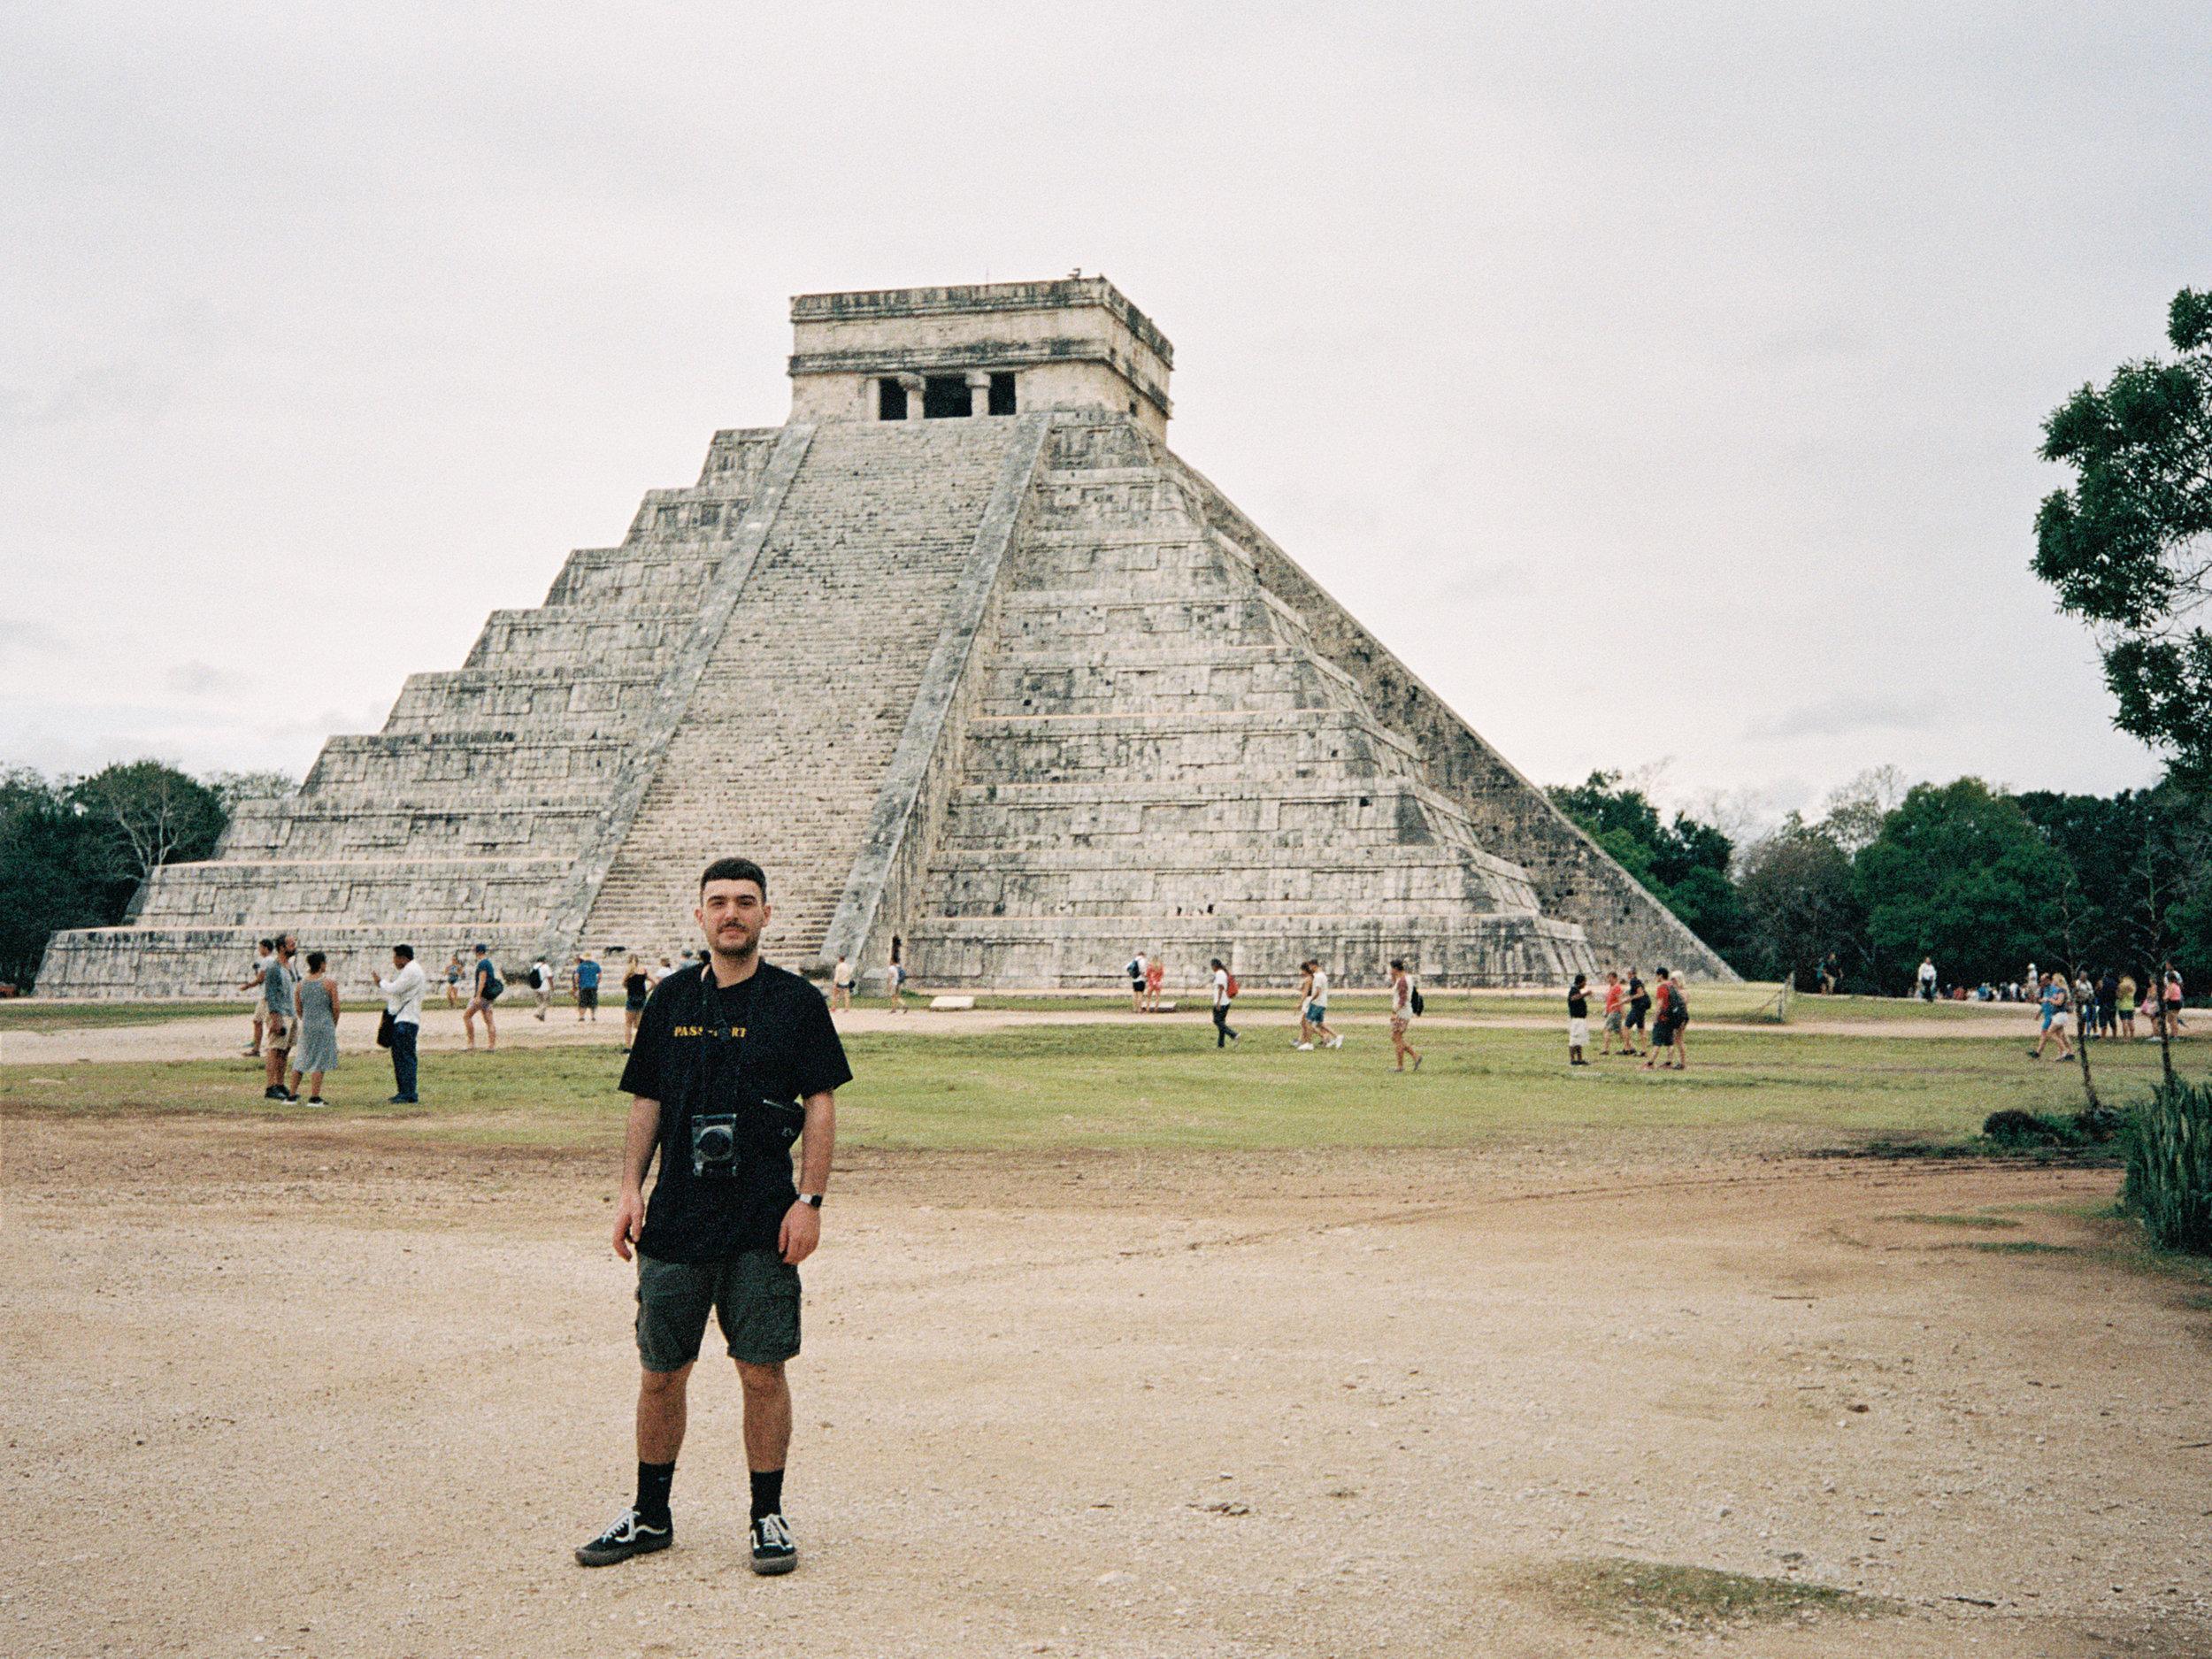 190312_MEXICO_SF_129R.jpg